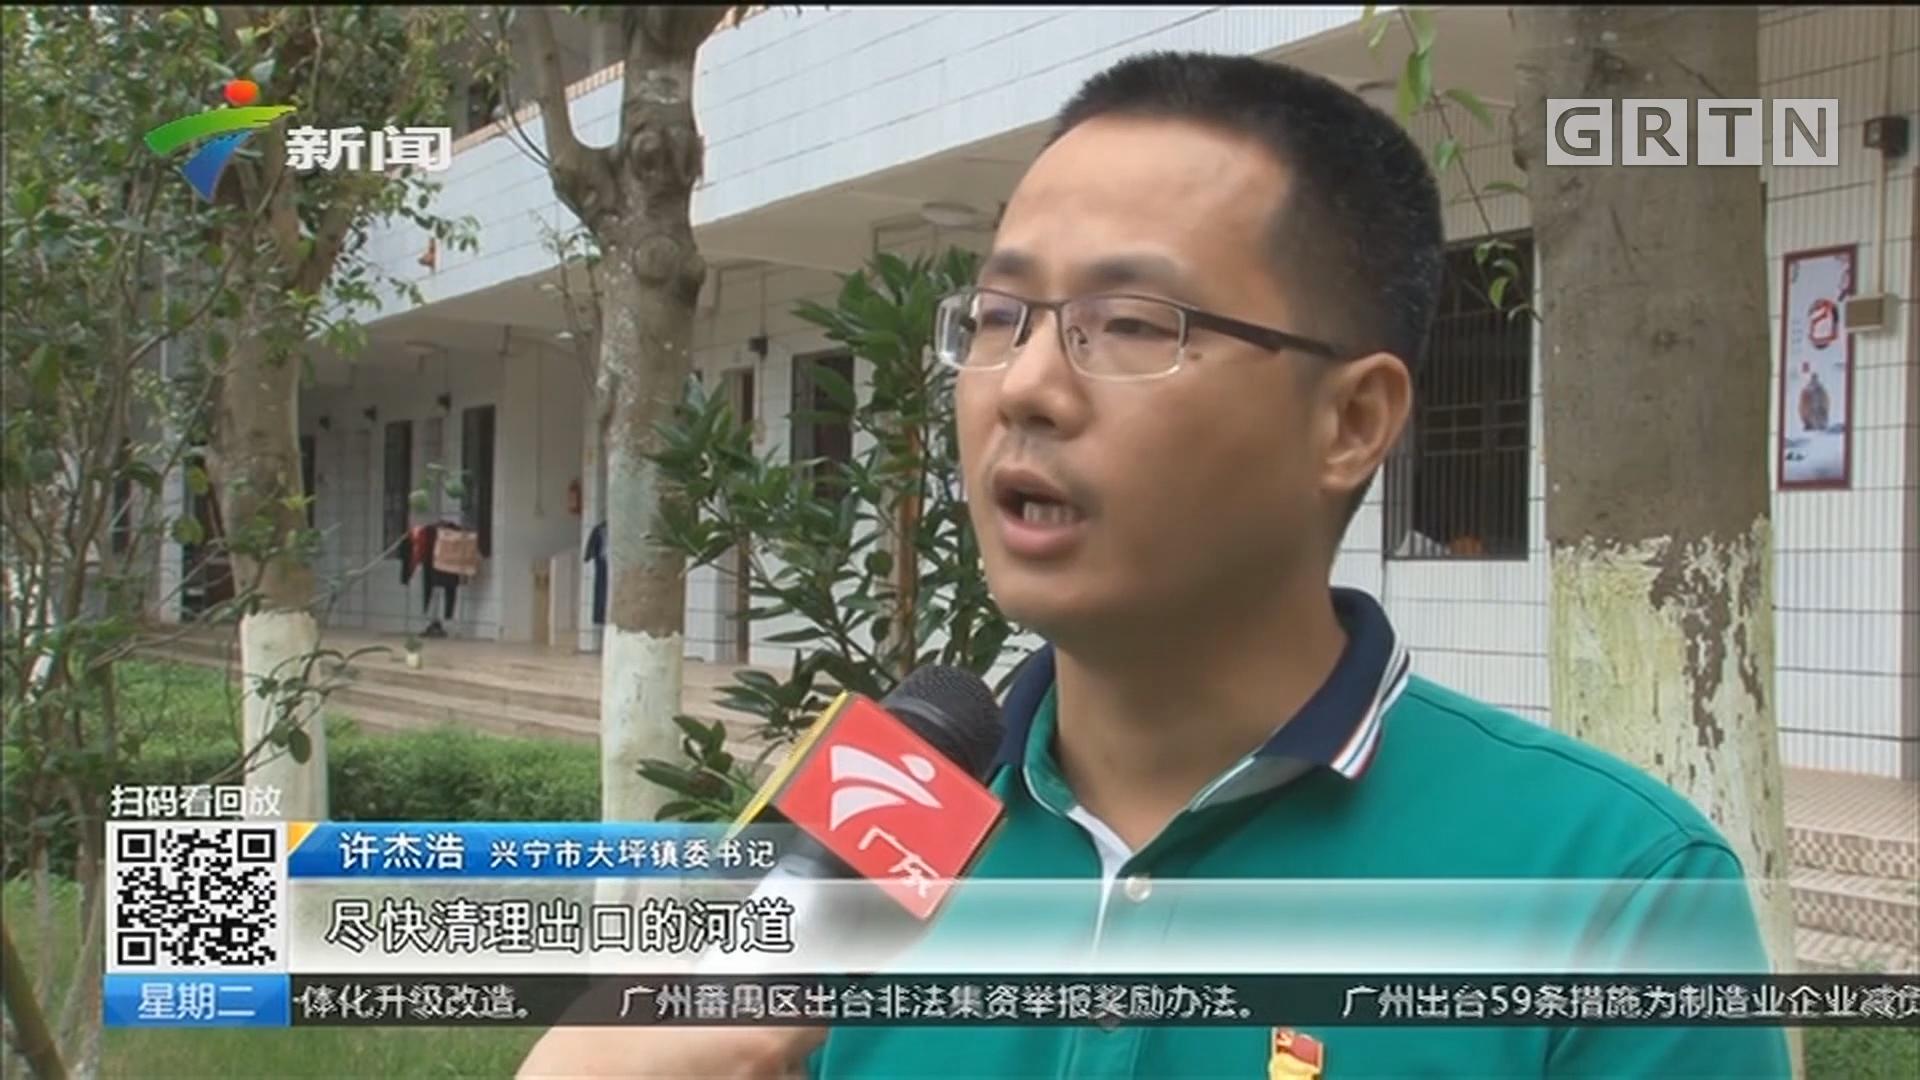 梅州:多地遭强降雨袭击 干群积极应对灾情(二)